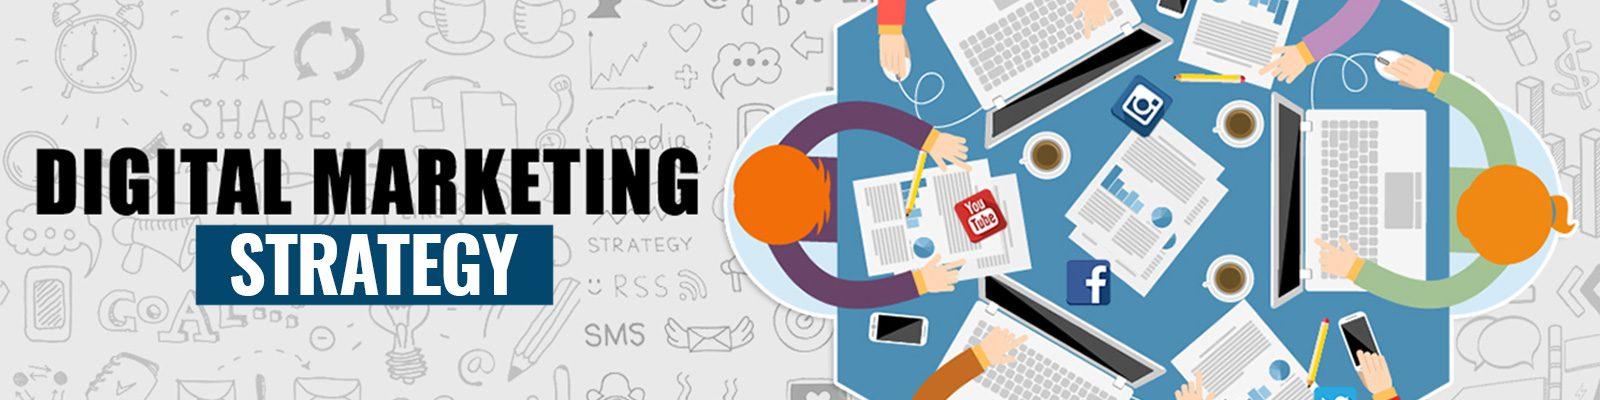 Digital Marketing Agency In Delhi | SEO Company India